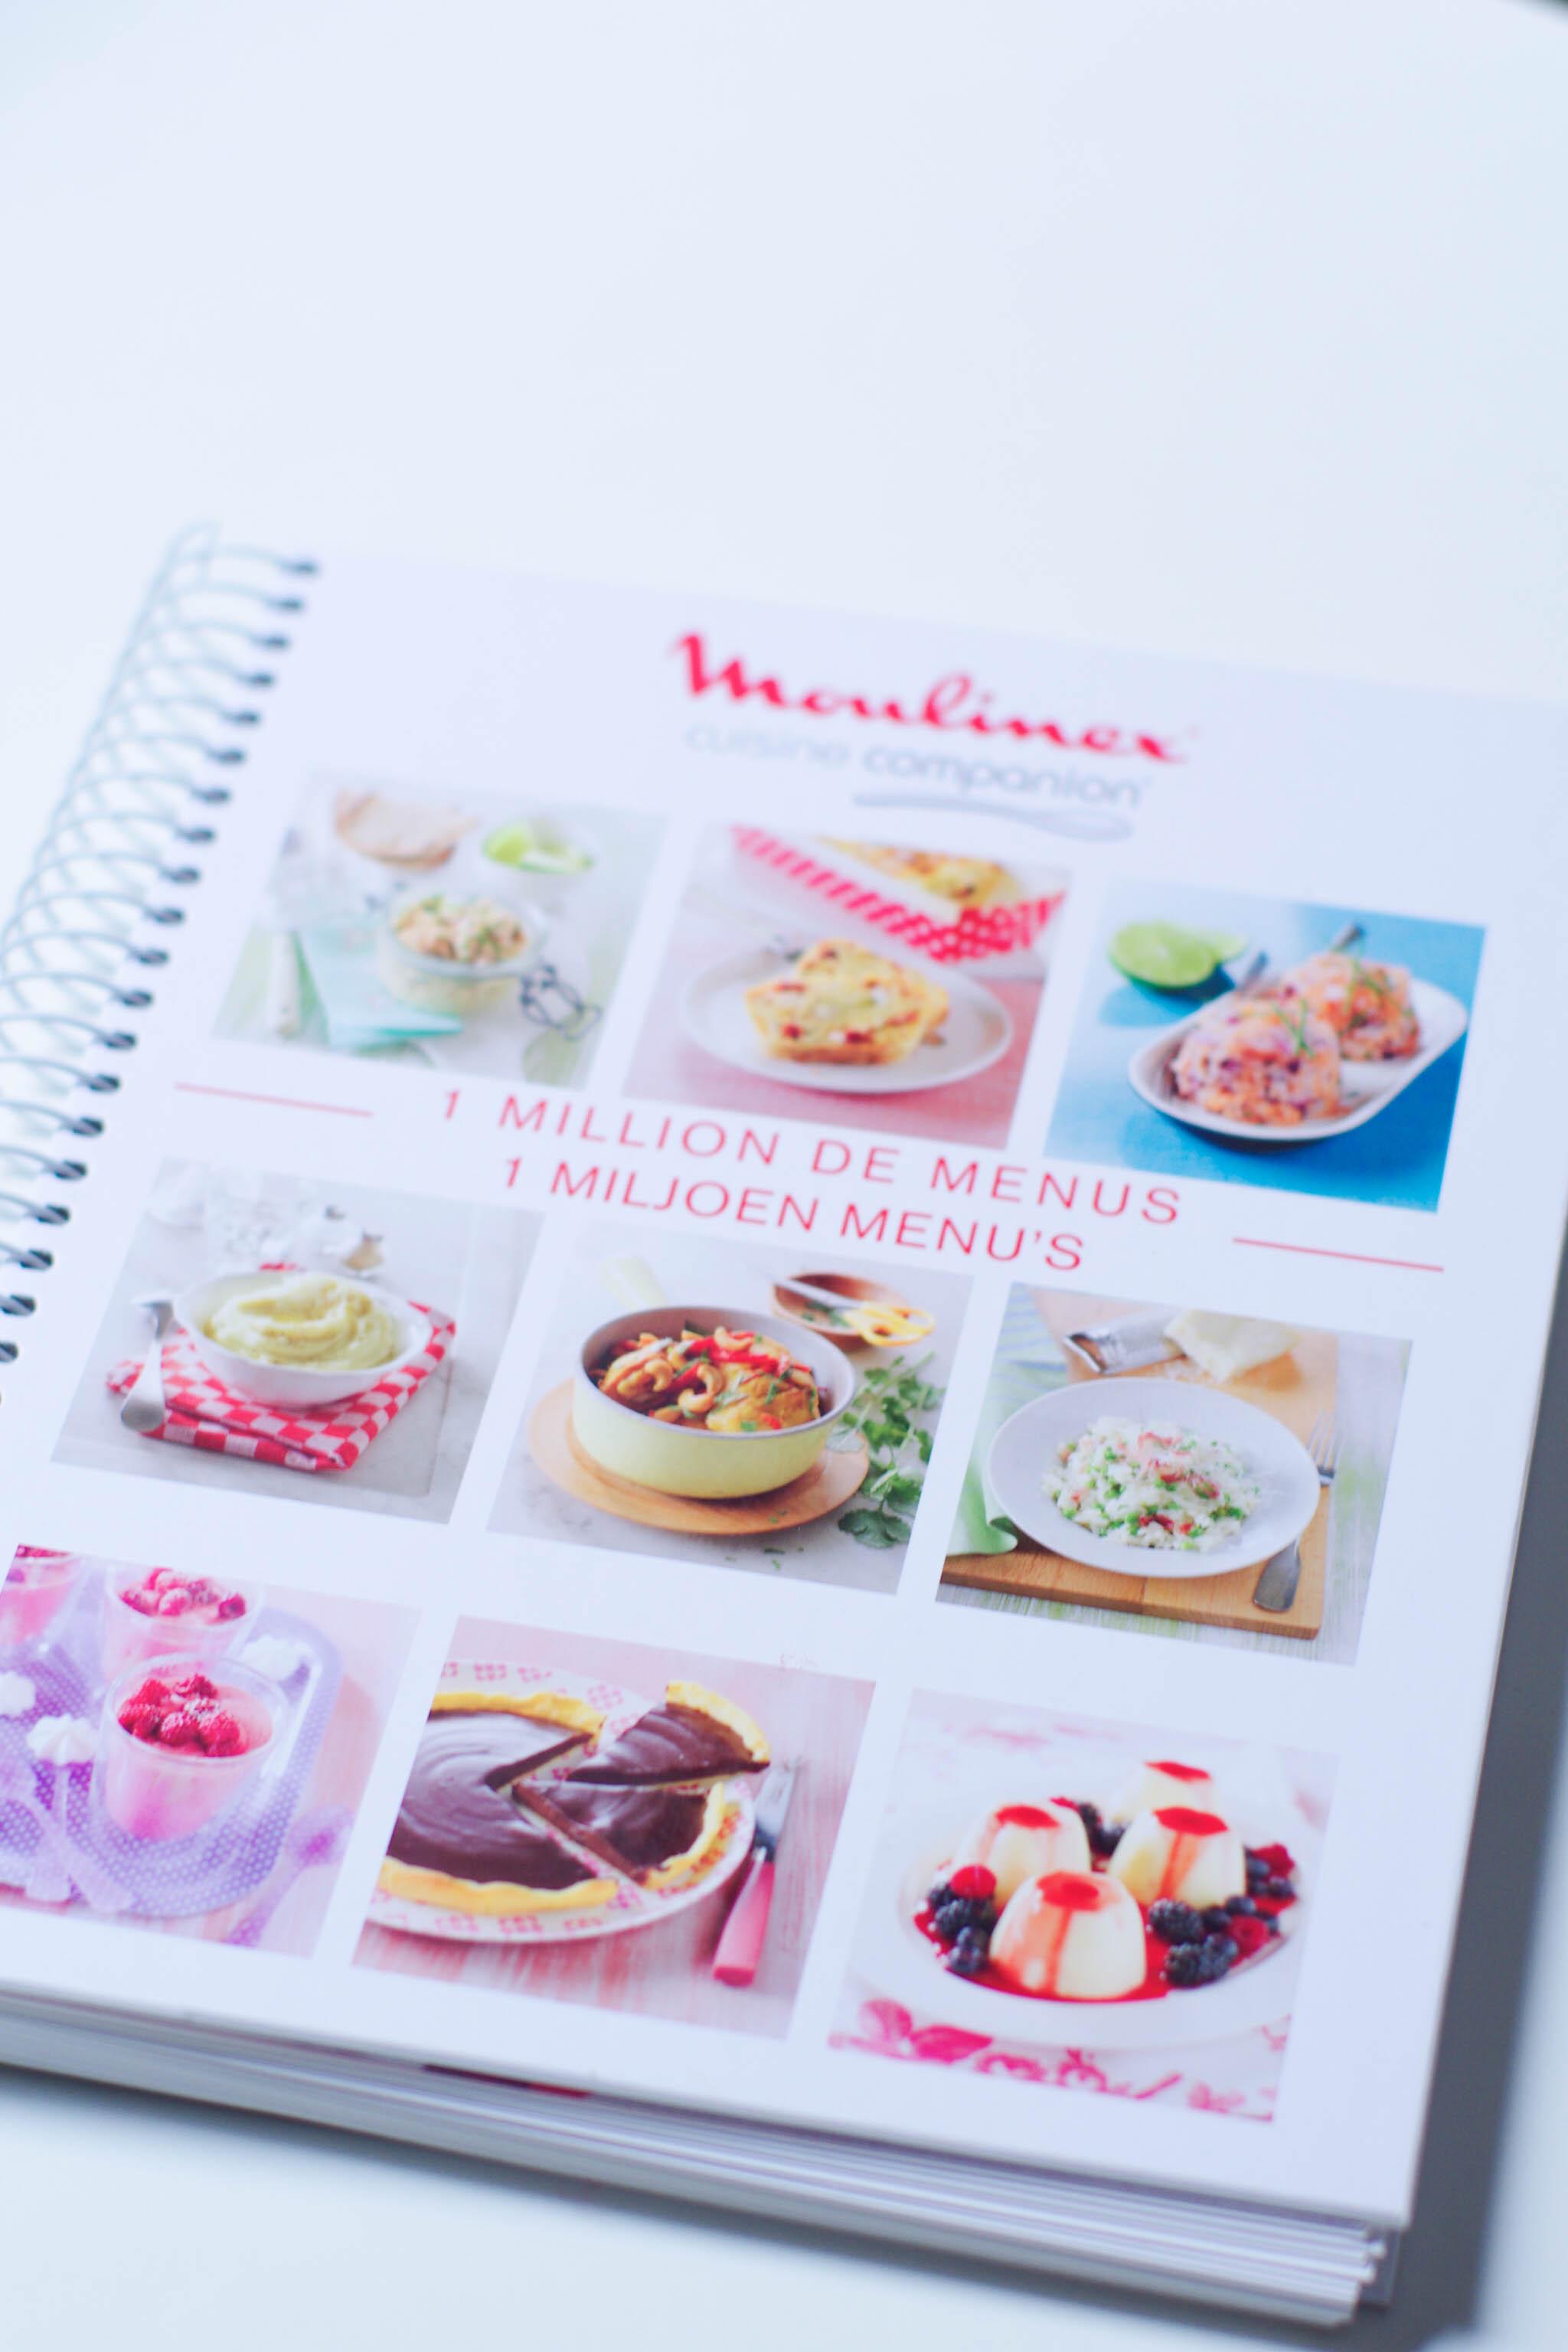 Livre recette easy soup moulinex un site culinaire populaire avec des recettes utiles - Recettes soup and co ...